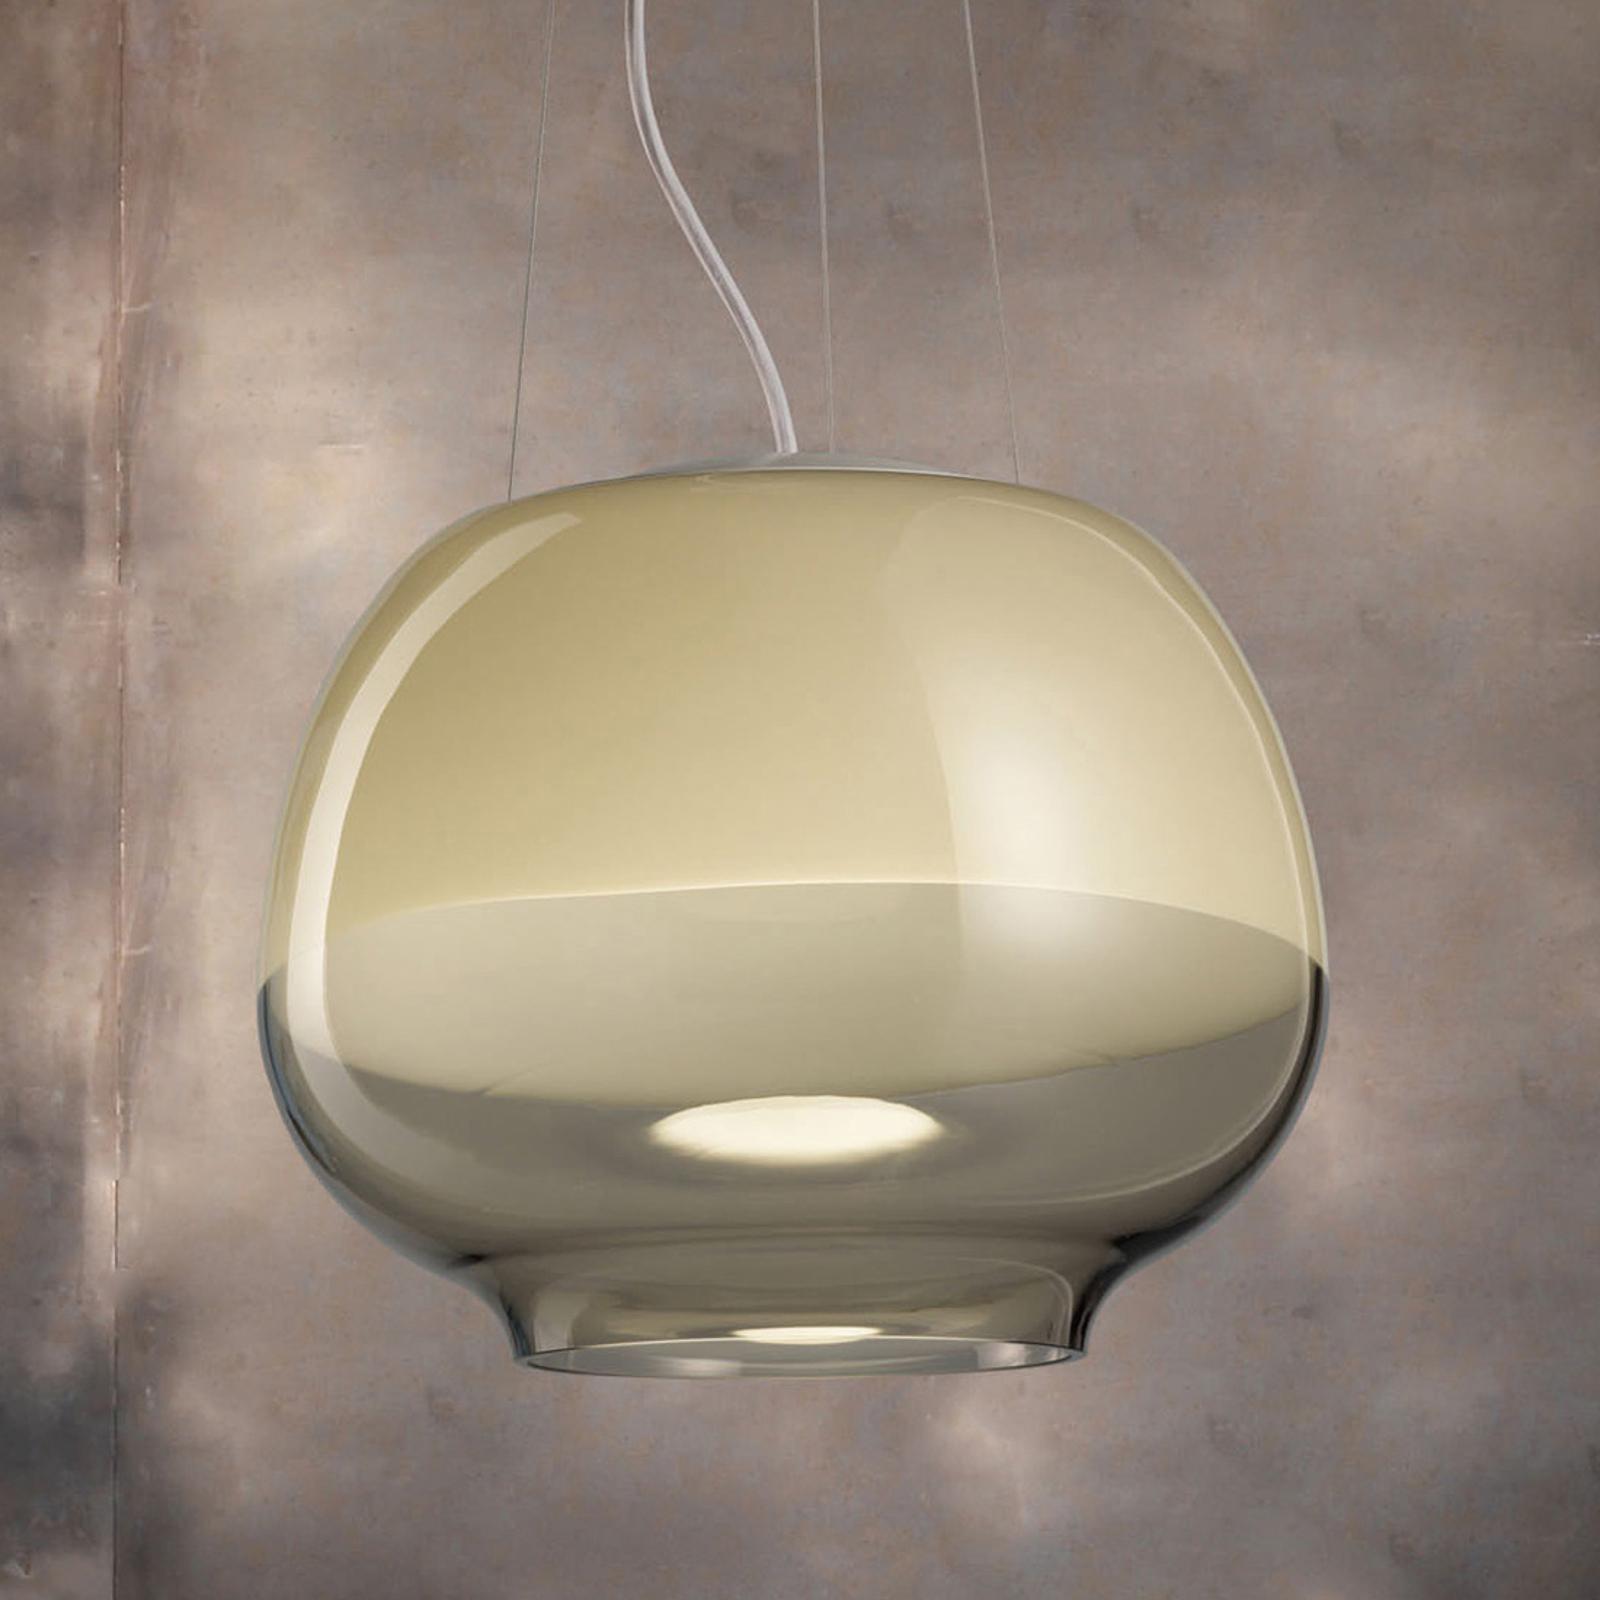 Lampa wisząca Mirage SP, dymna